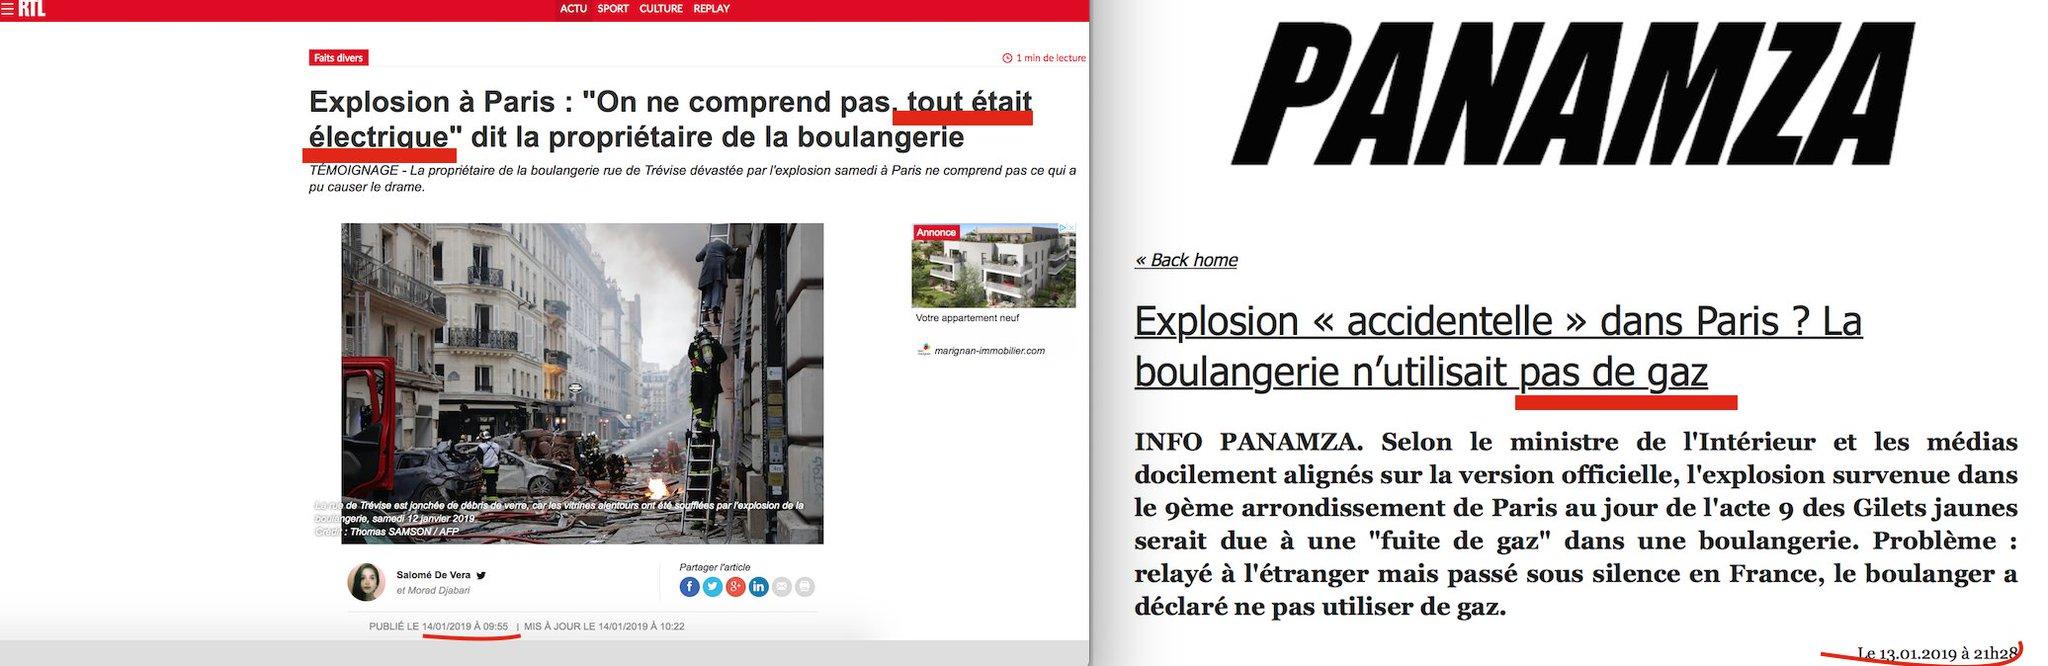 Étrange explosion à Paris : l'info de Panamza est confirmée